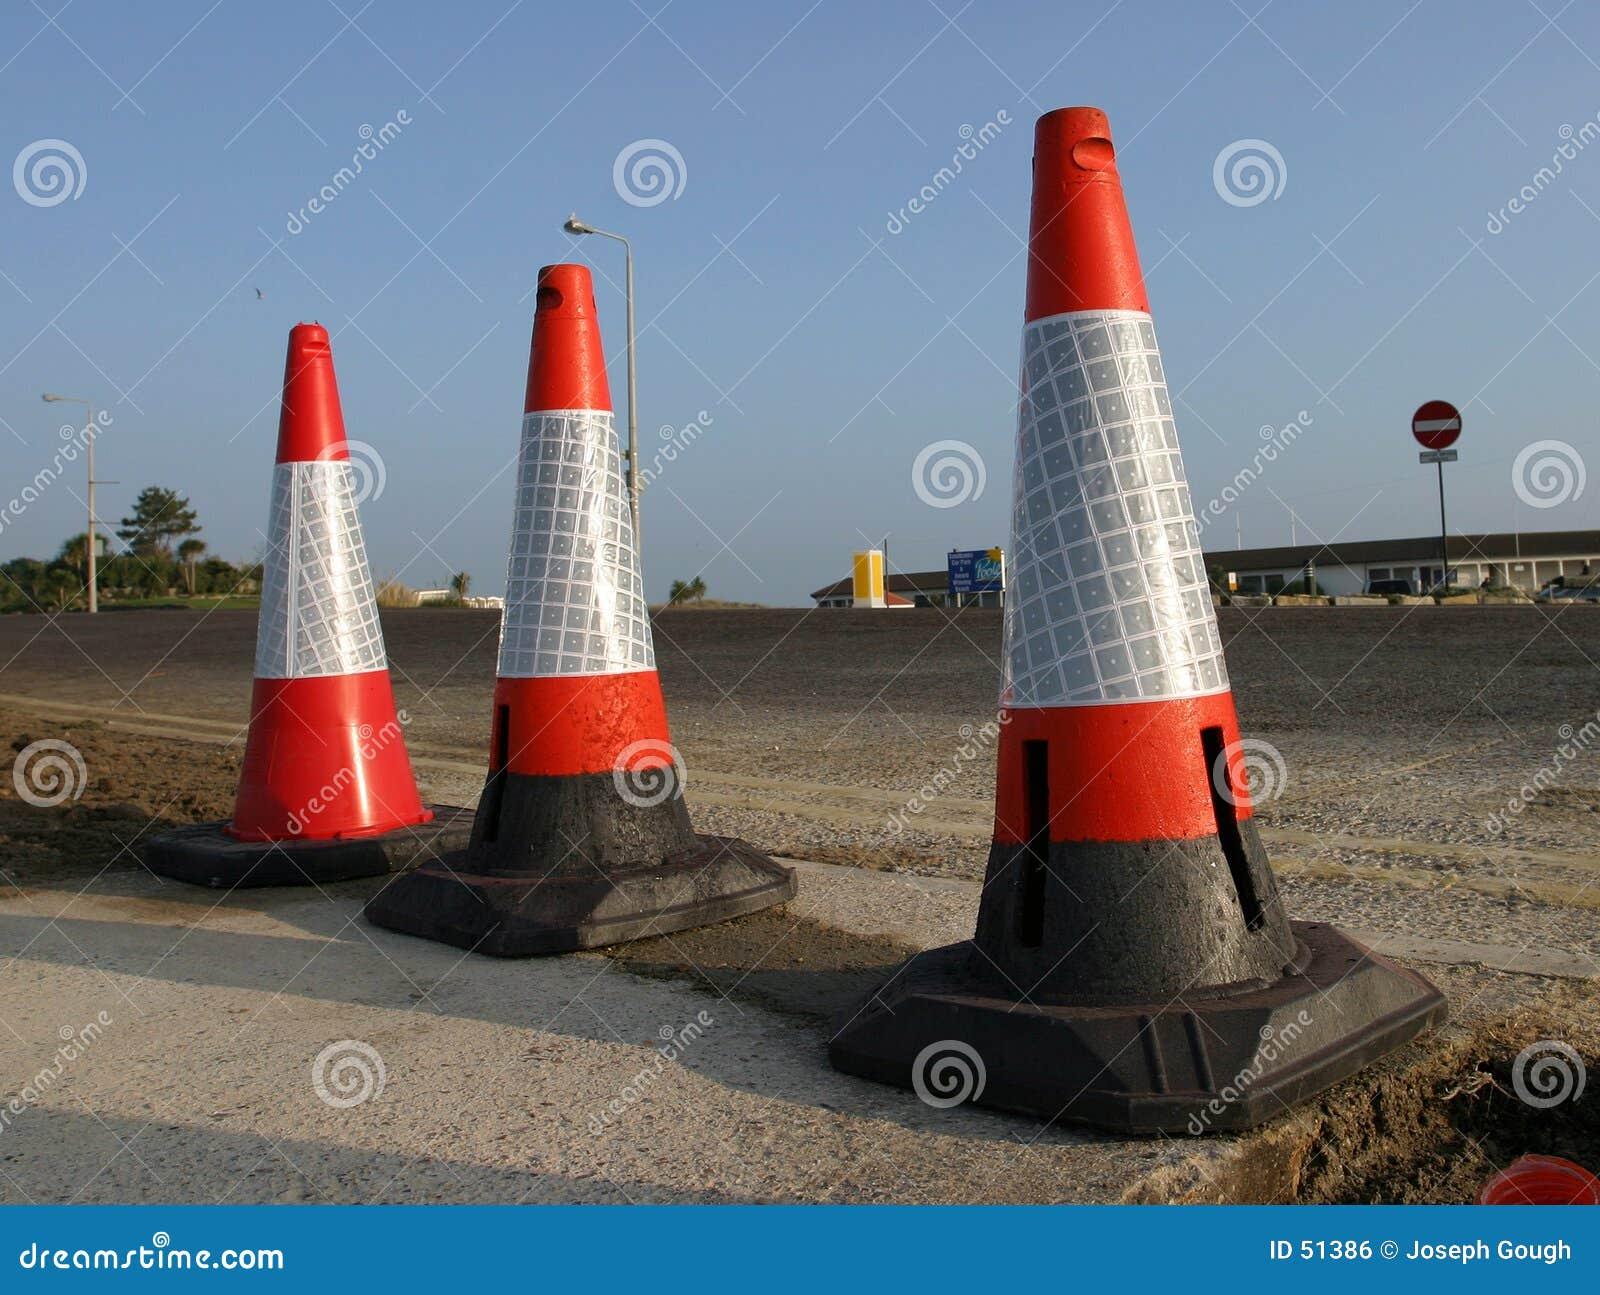 Download Trois cônes photo stock. Image du indicateur, barrière, règlements - 51386